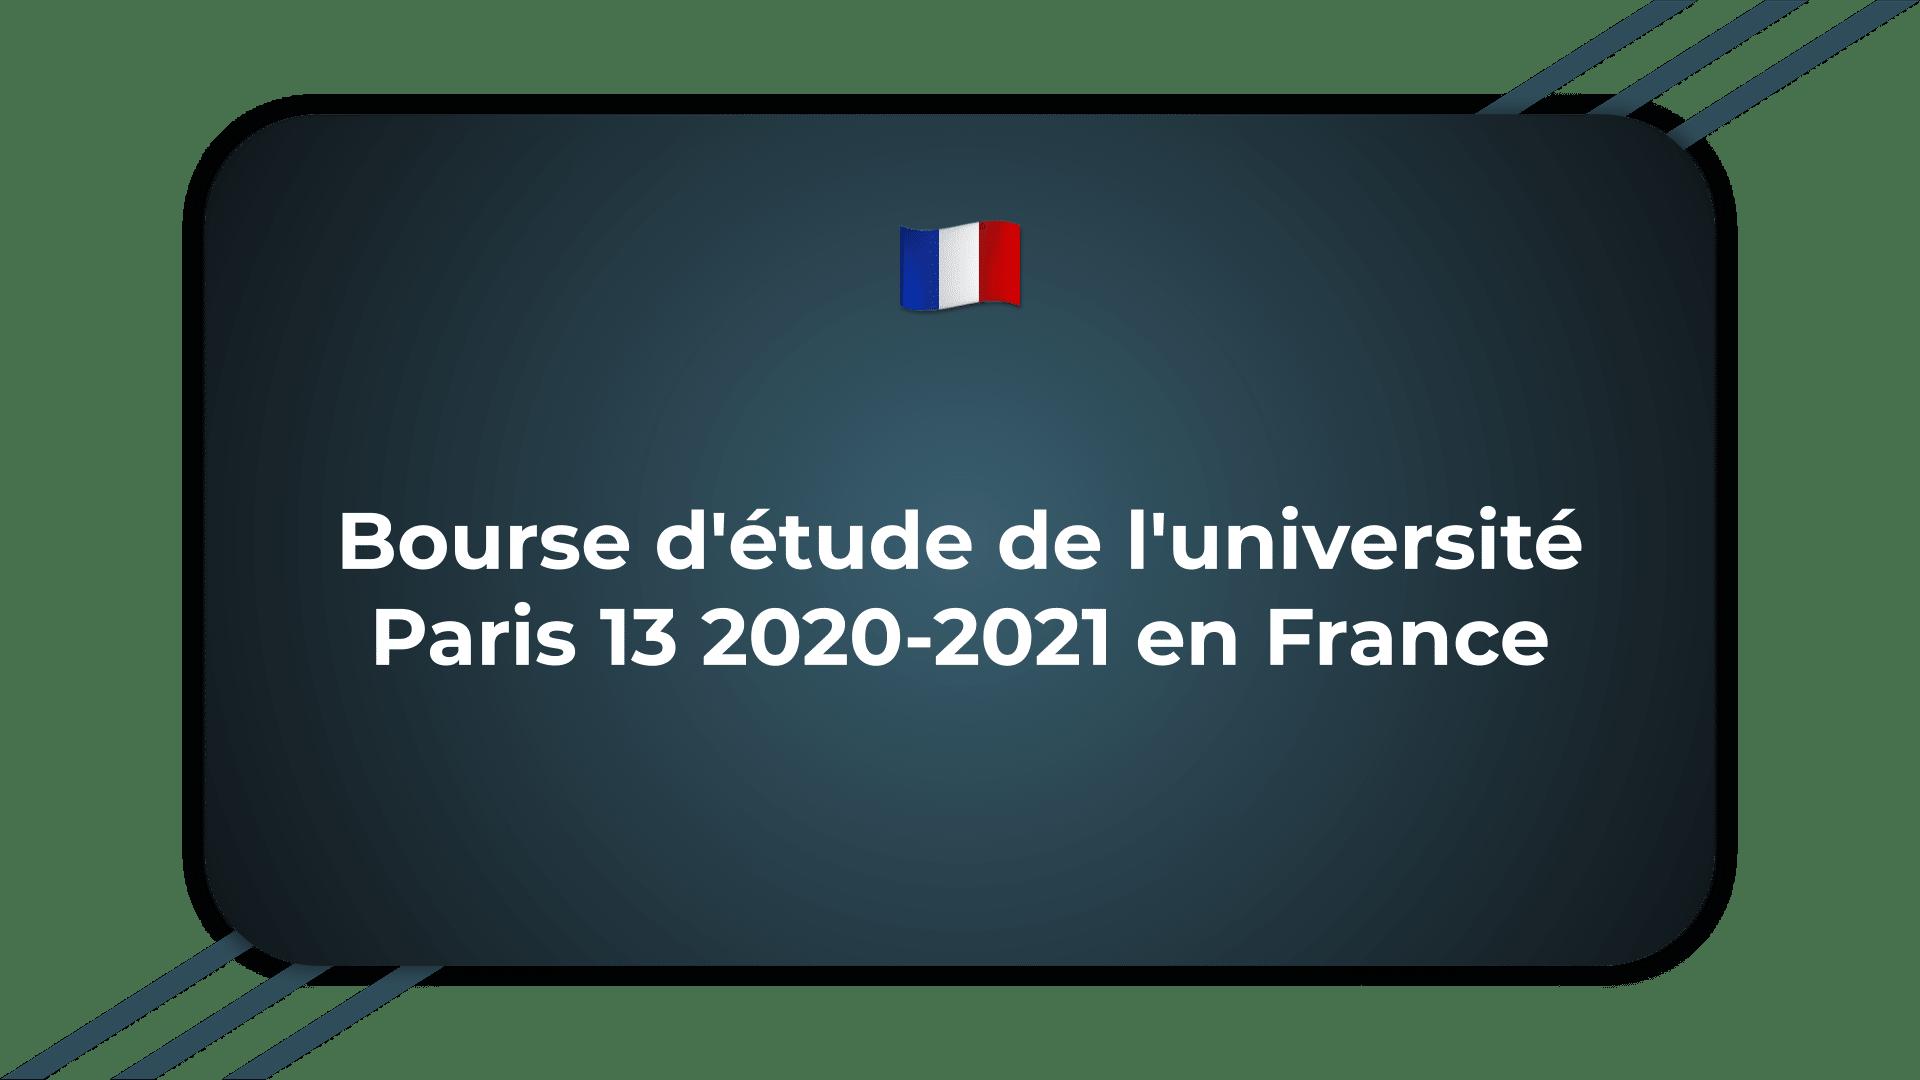 Bourse d'étude de l'université Paris 13